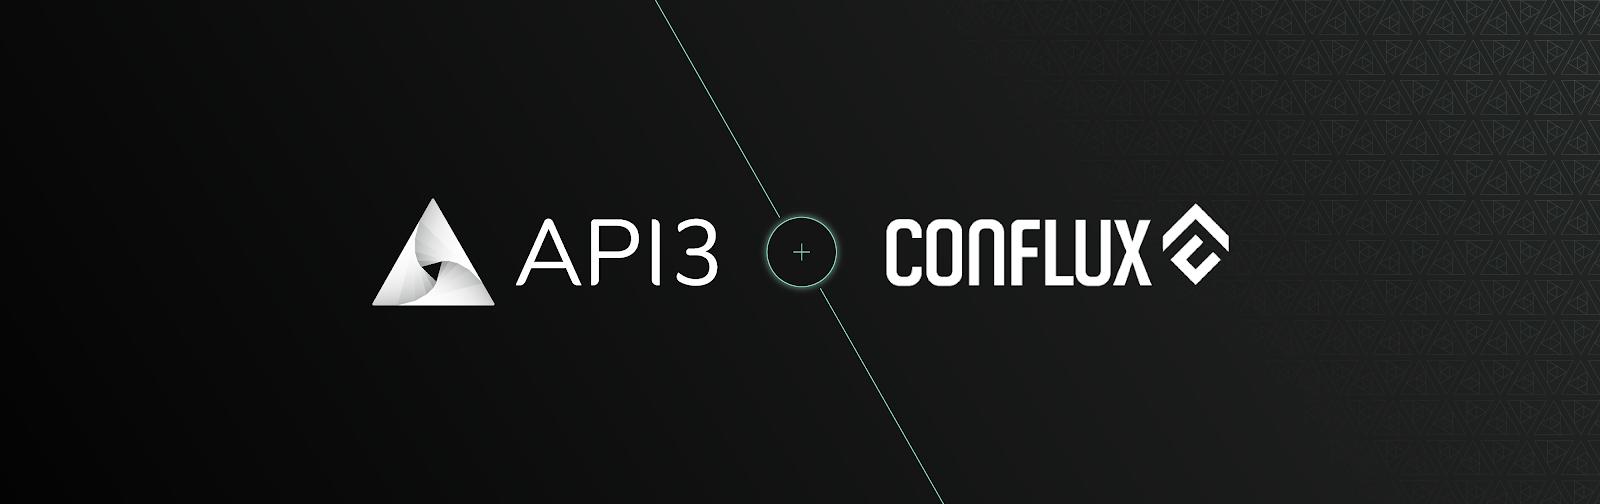 API3与Conflux达成合作伙伴关系